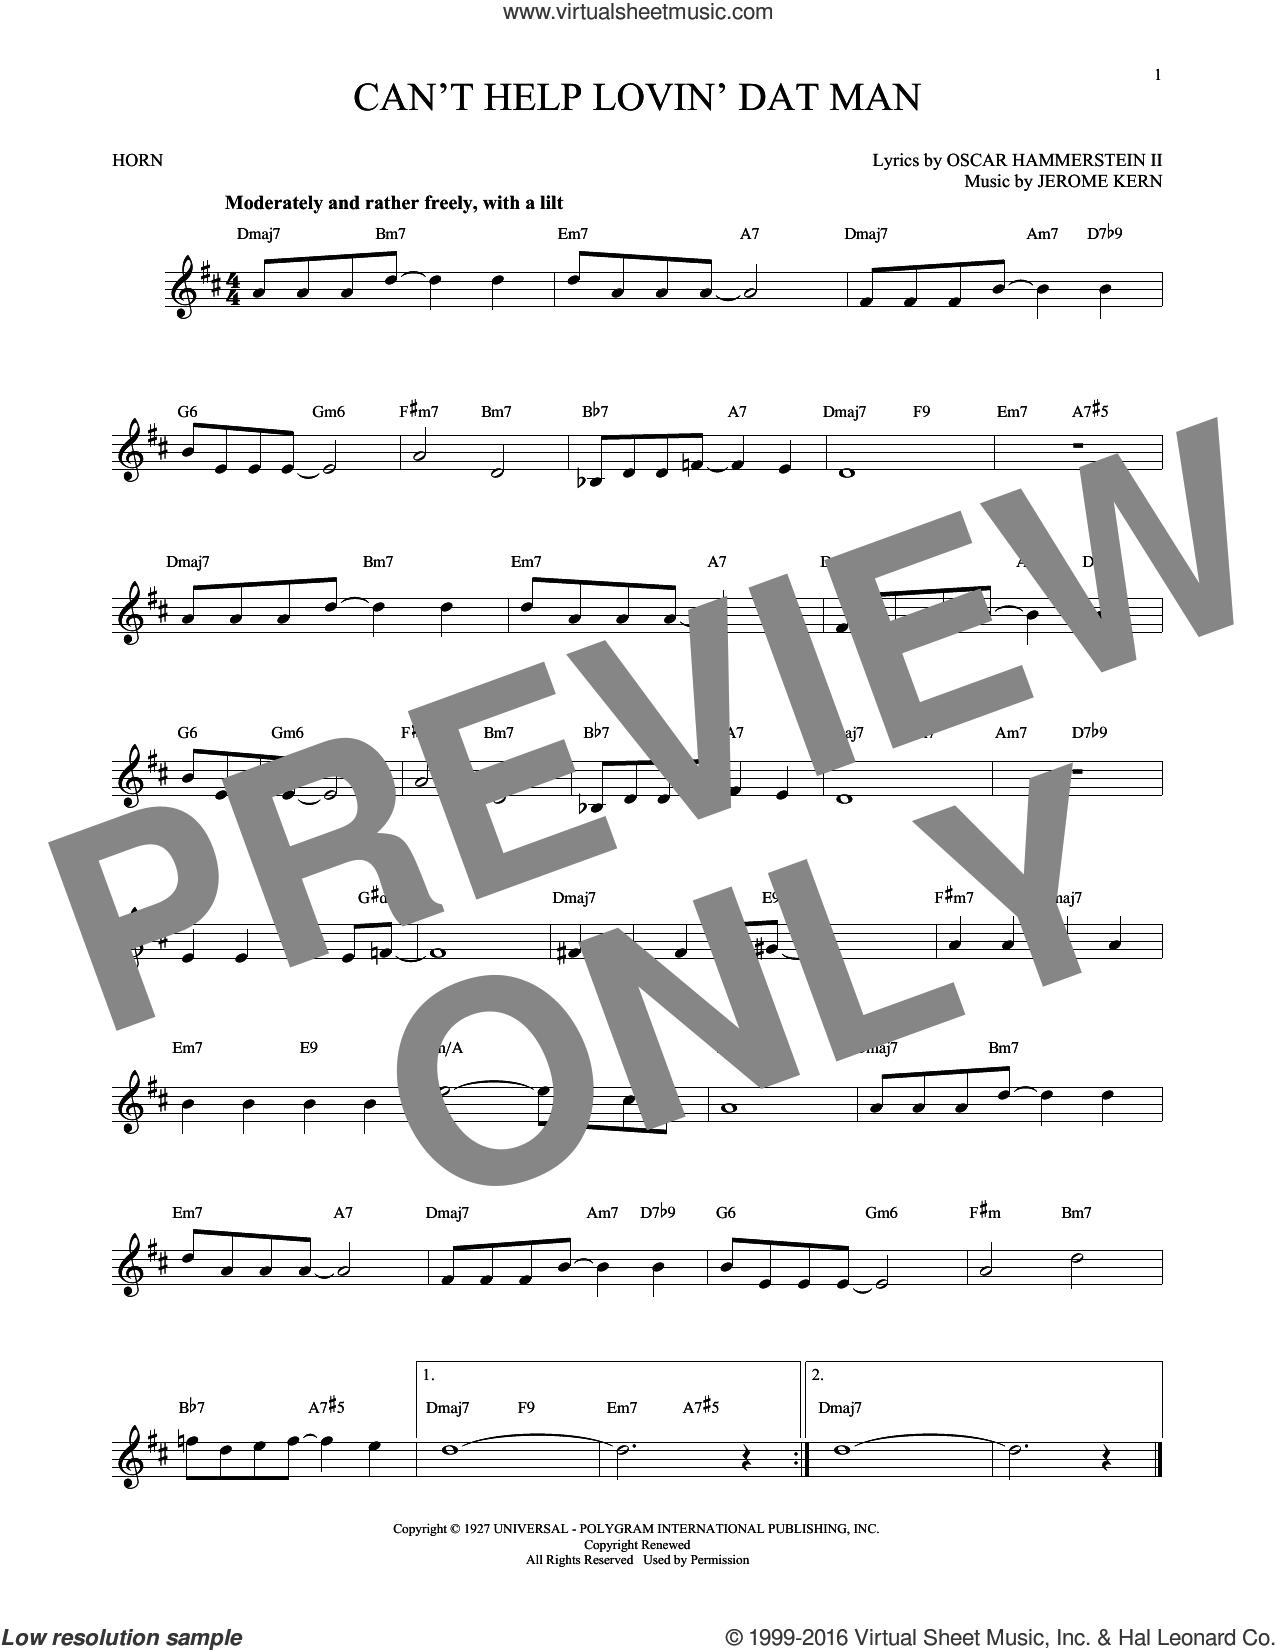 Can't Help Lovin' Dat Man sheet music for horn solo by Oscar II Hammerstein, Annette Warren, Helen Morgan and Jerome Kern, intermediate skill level